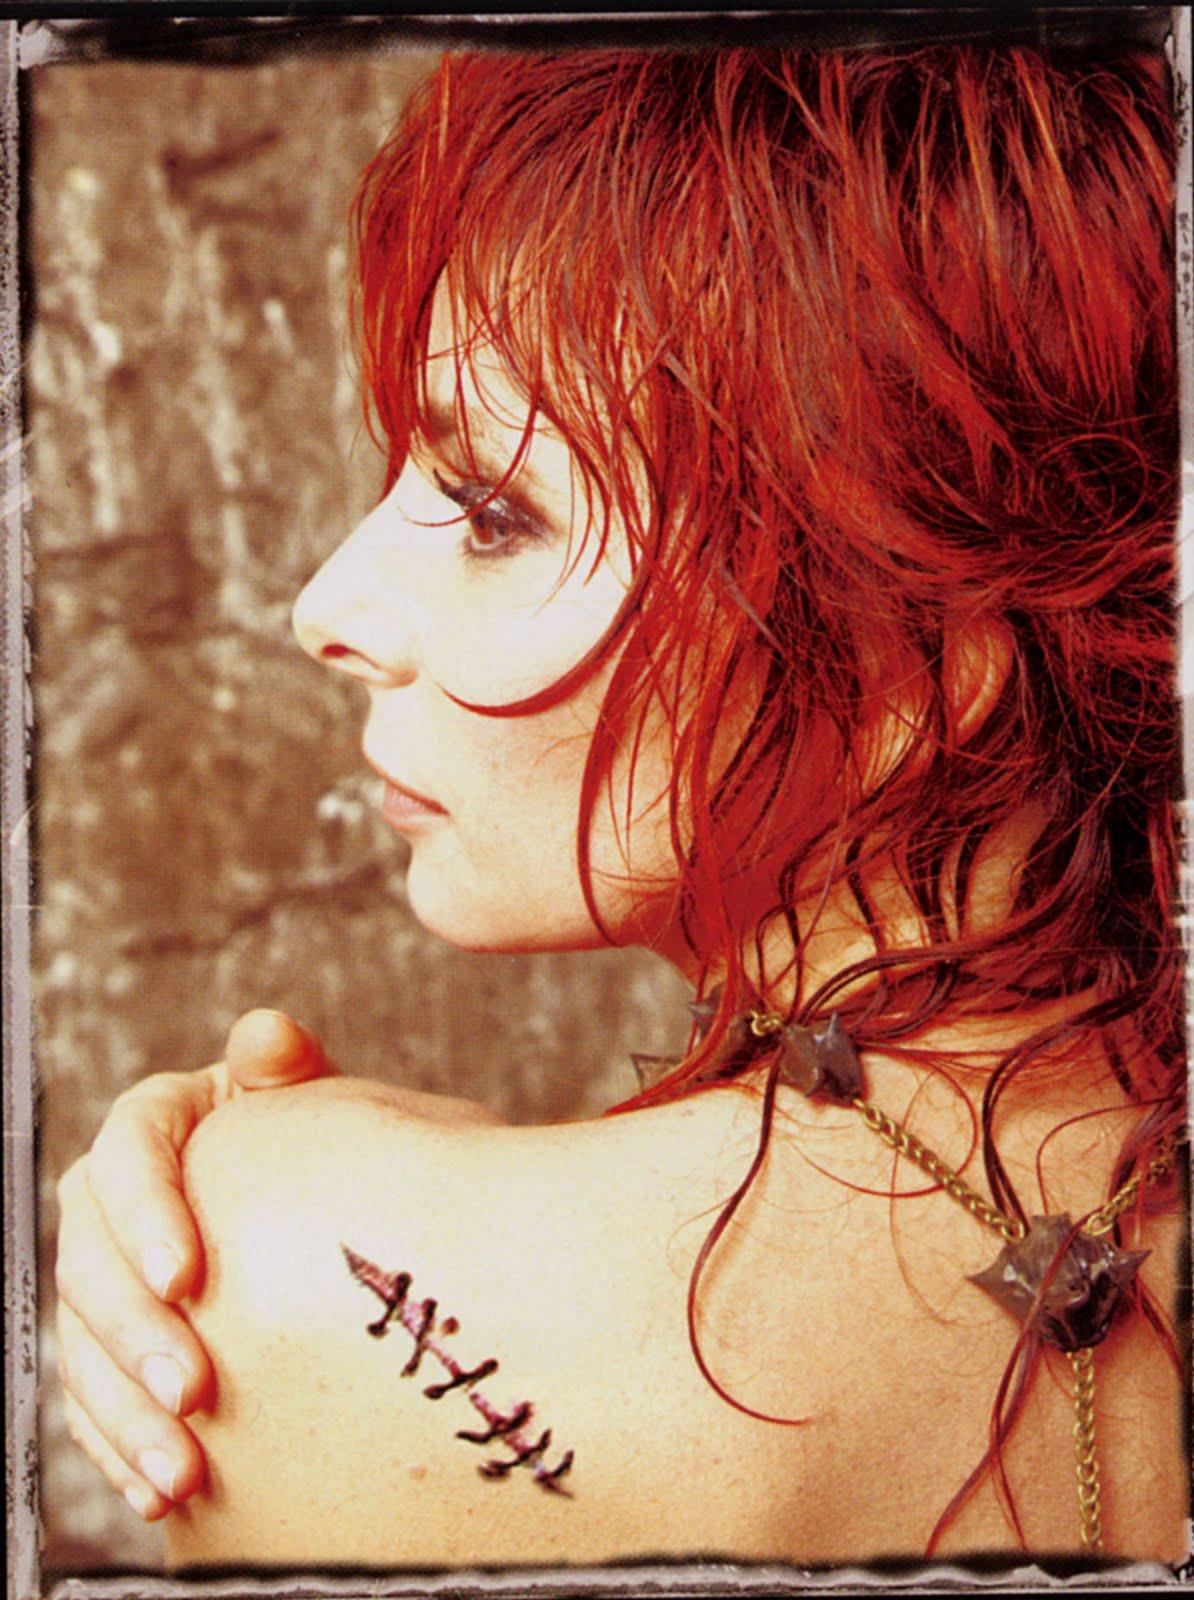 http://4.bp.blogspot.com/_jf6ktUJpmwc/TFM4UM6yOmI/AAAAAAAAAA0/Q21jULjNnis/s1600/mylene-farmer-livret-point-de-suture.jpg